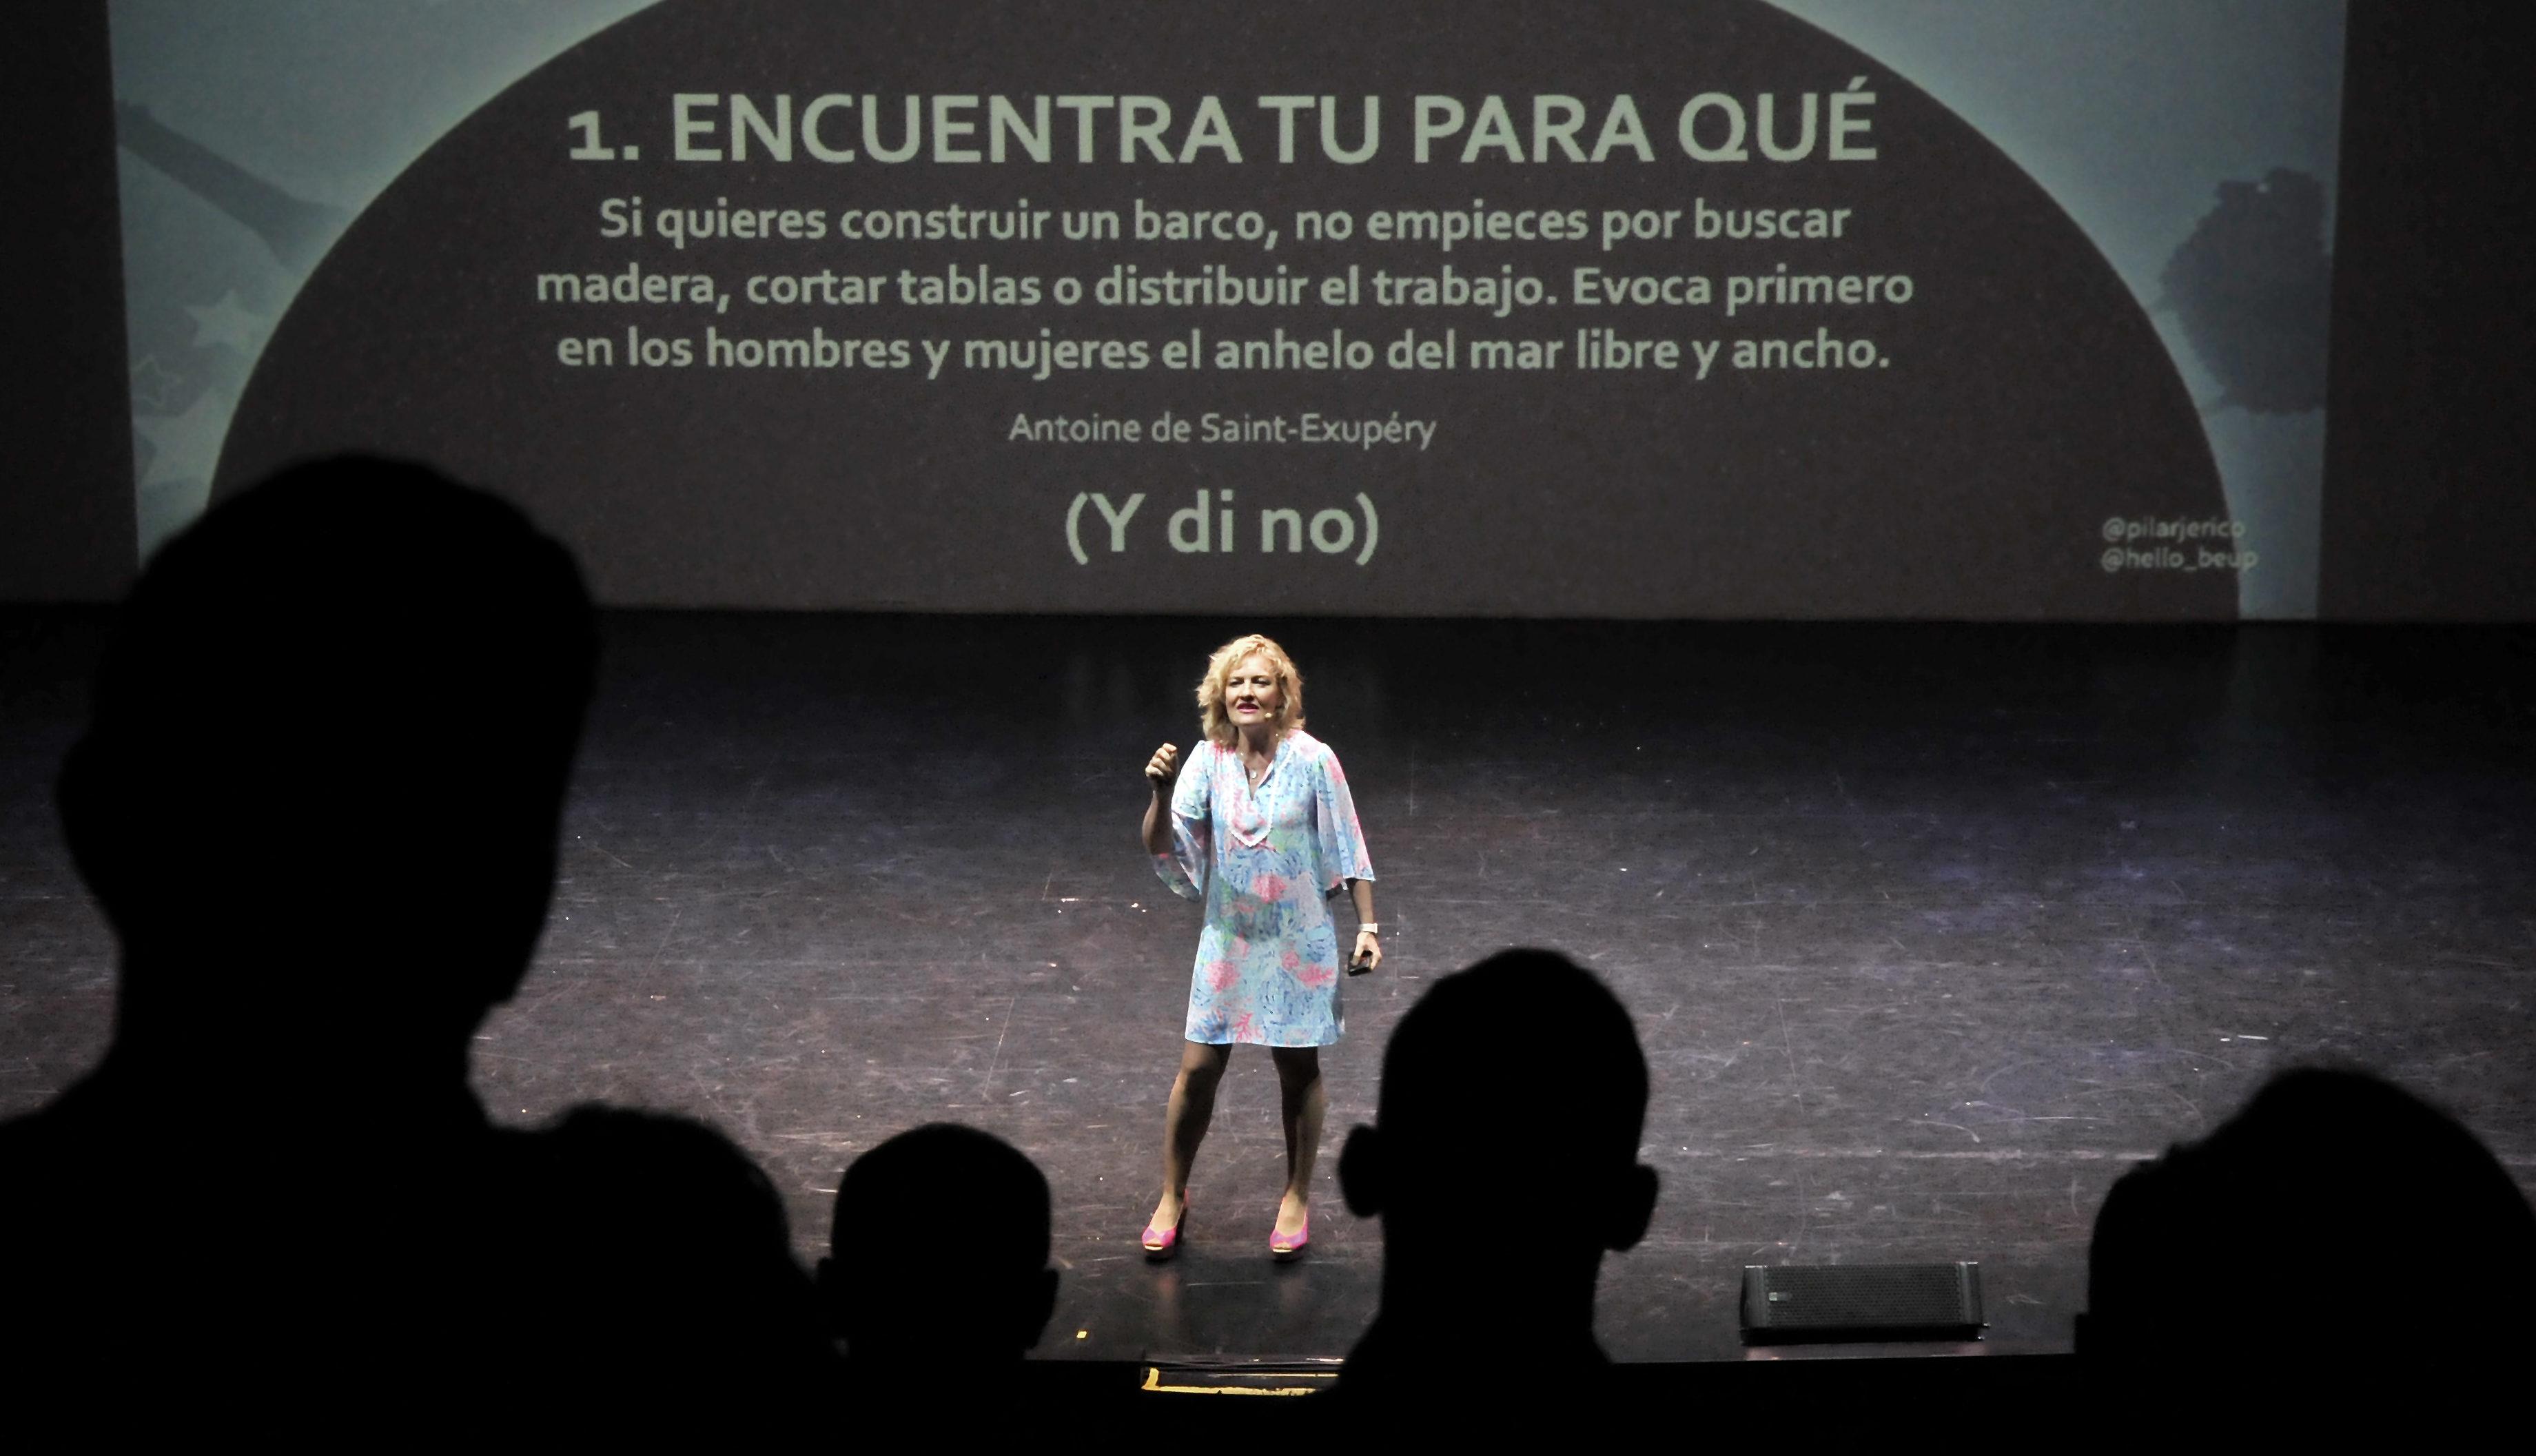 Pilar Jerico - ¿Quién dijo miedo? Los 10 pasos para liderar el cambio (sin sustos) del III Afterwork APD Sevilla